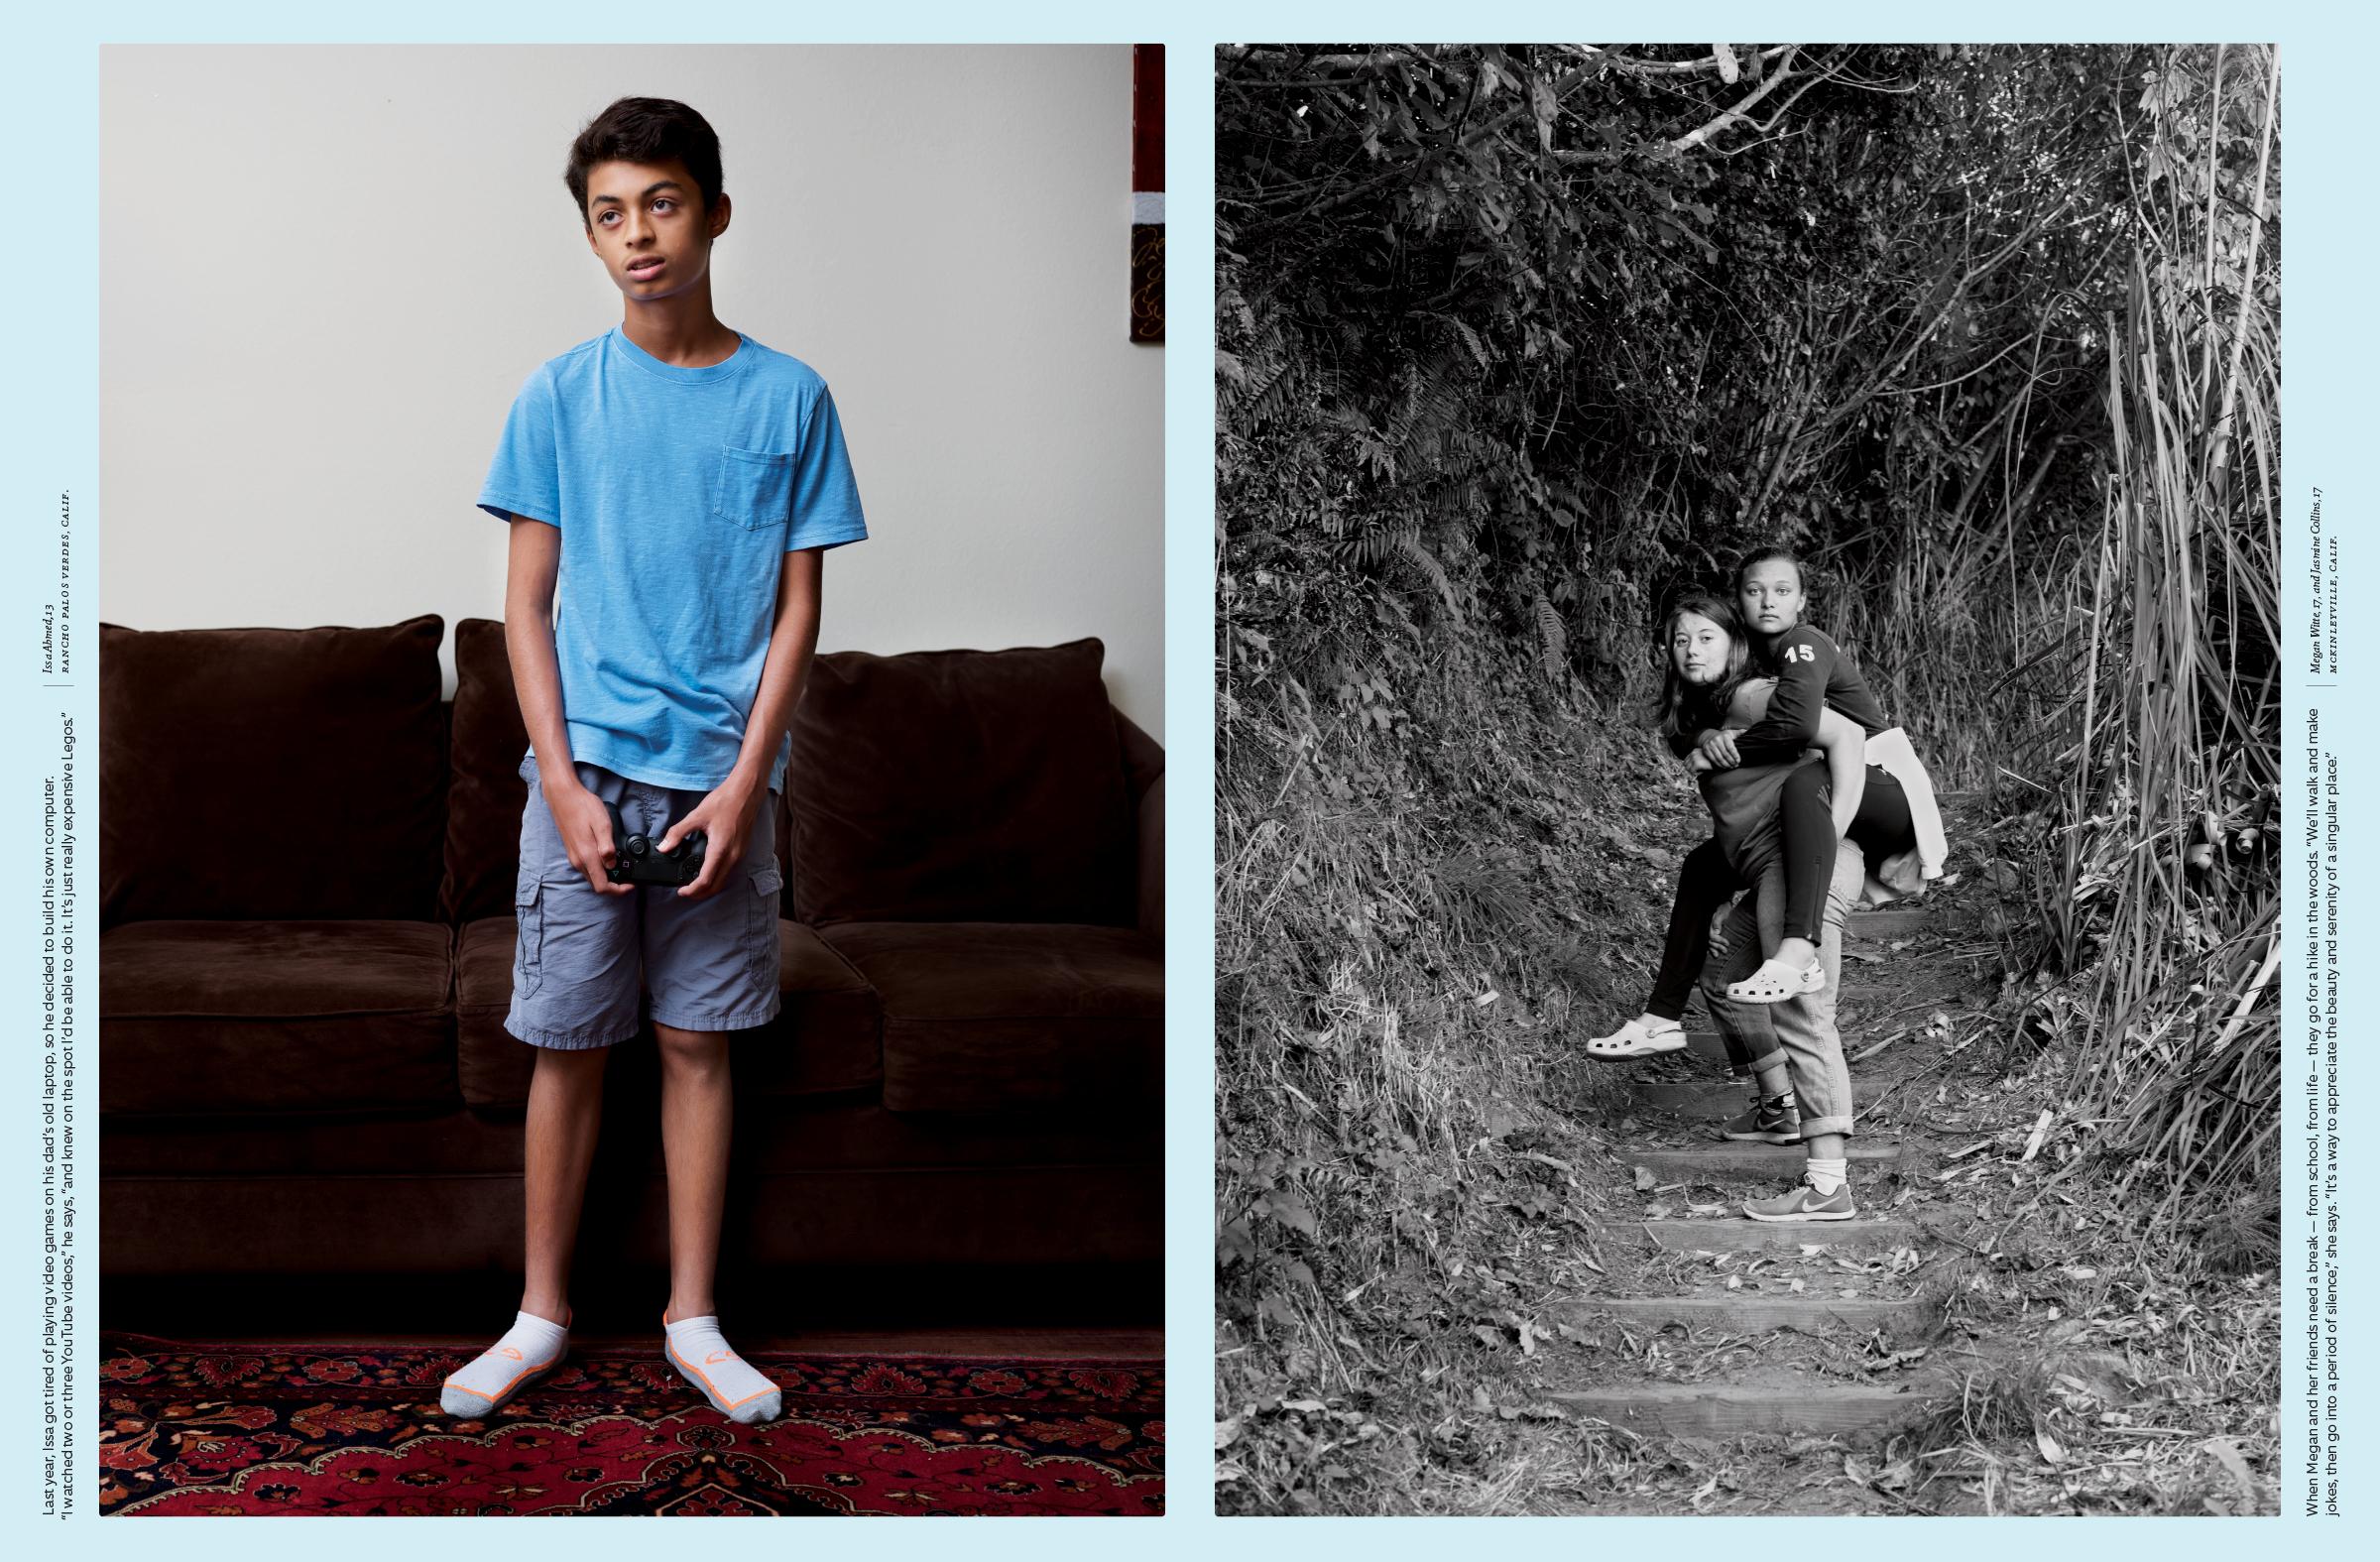 05_Teens_HangingOut_ASanguinetti03.jpg